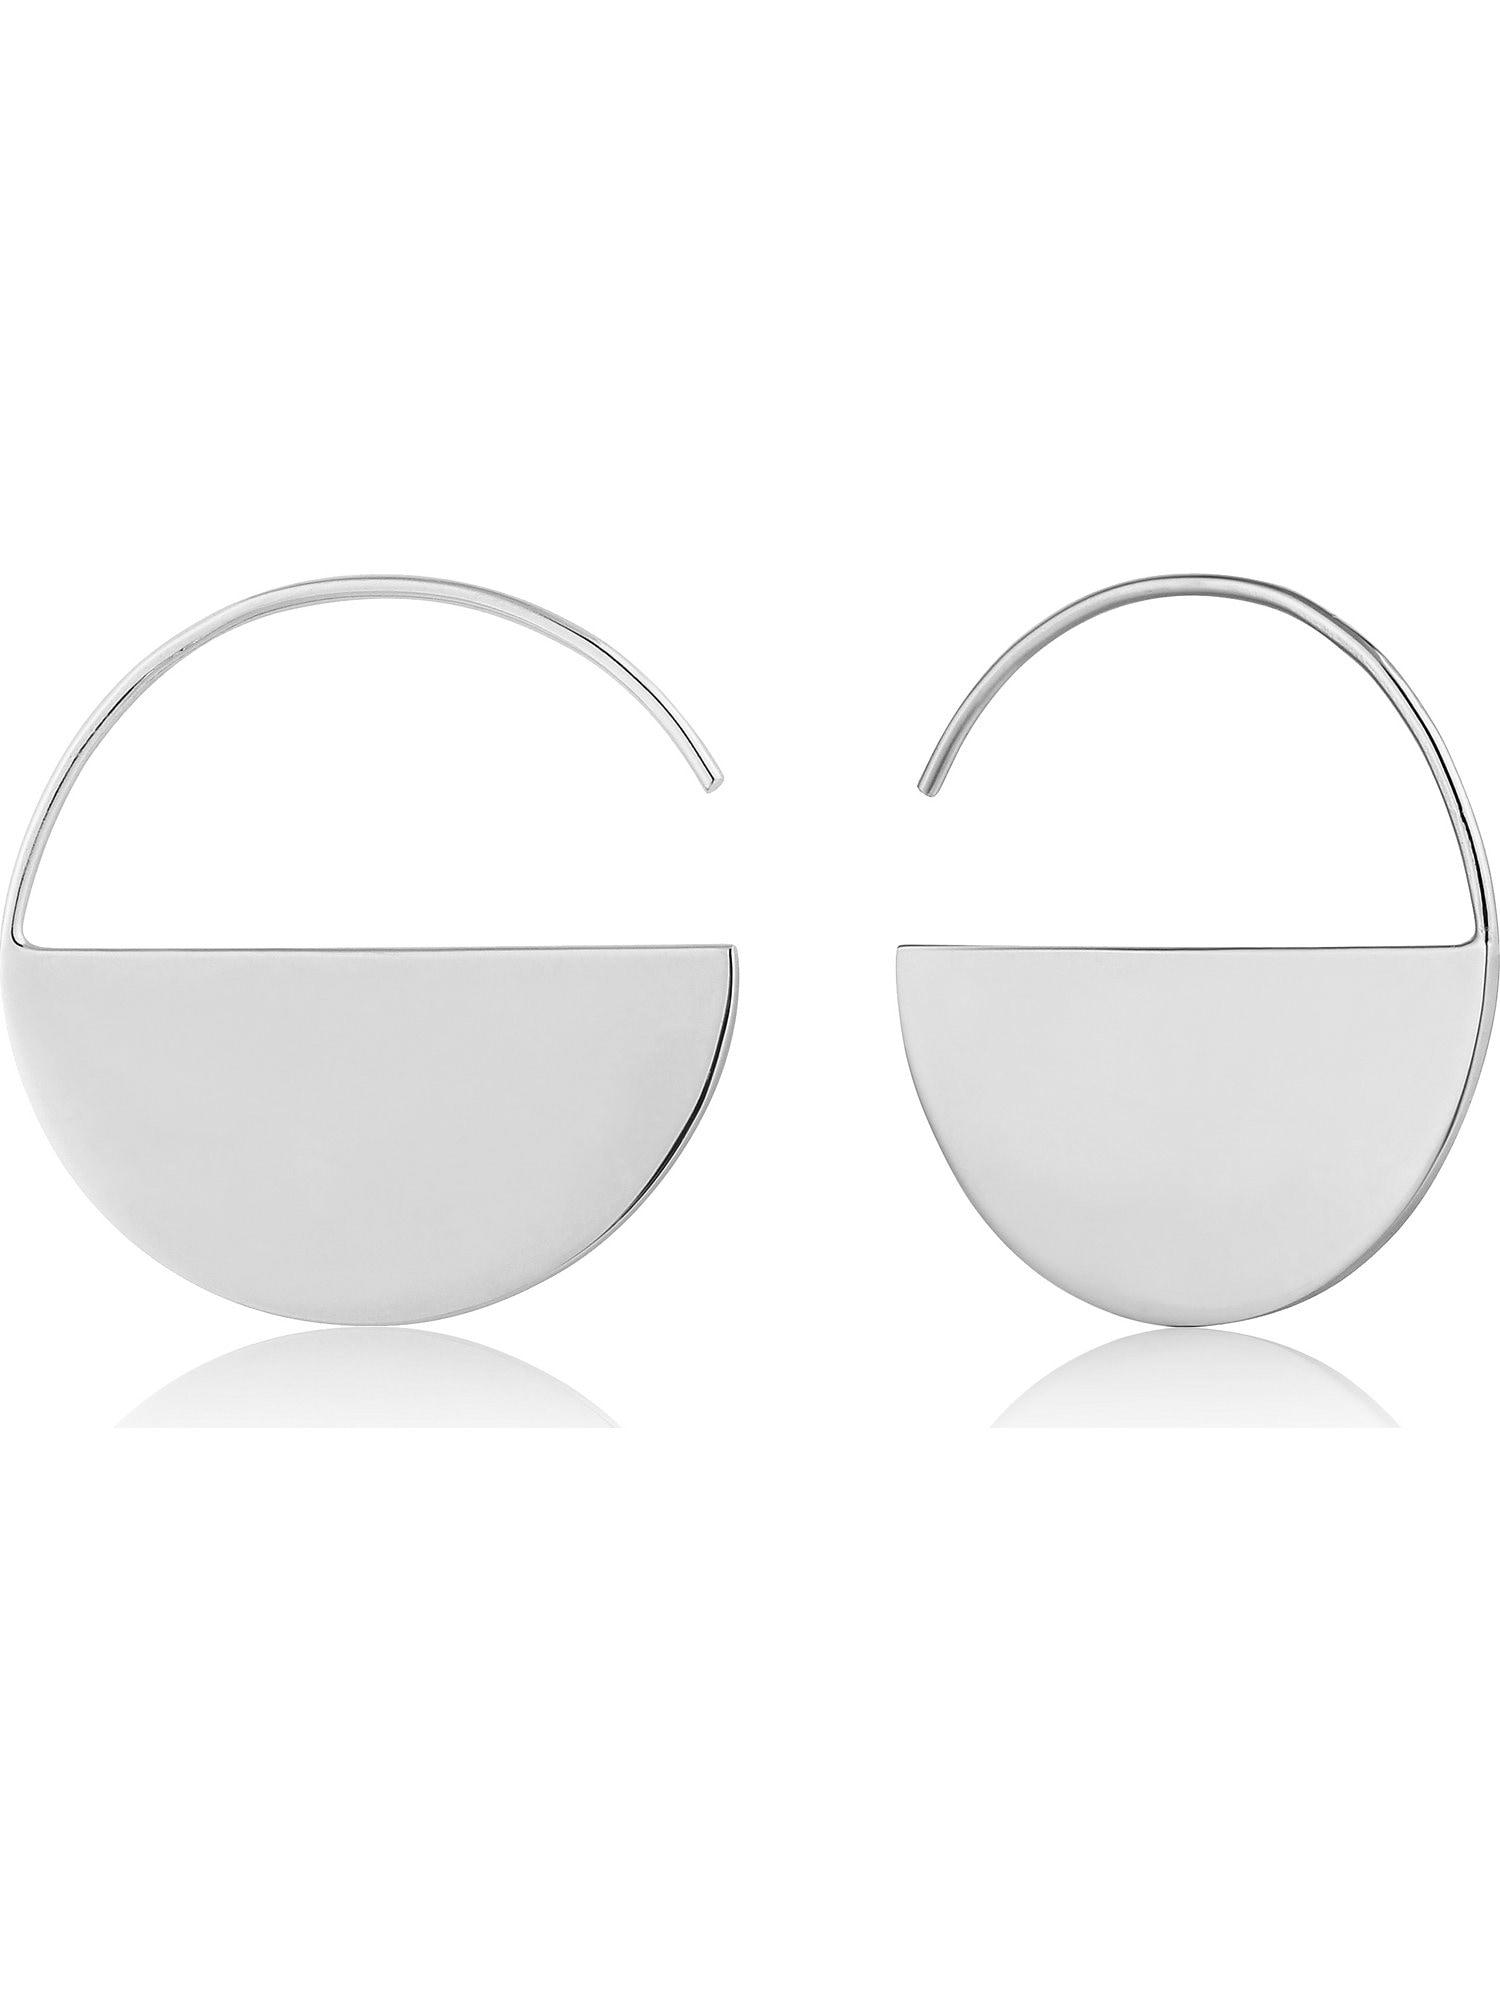 ANIA HAIE Náušnice Geometry Hoop Earring  zlatá dámské One Size